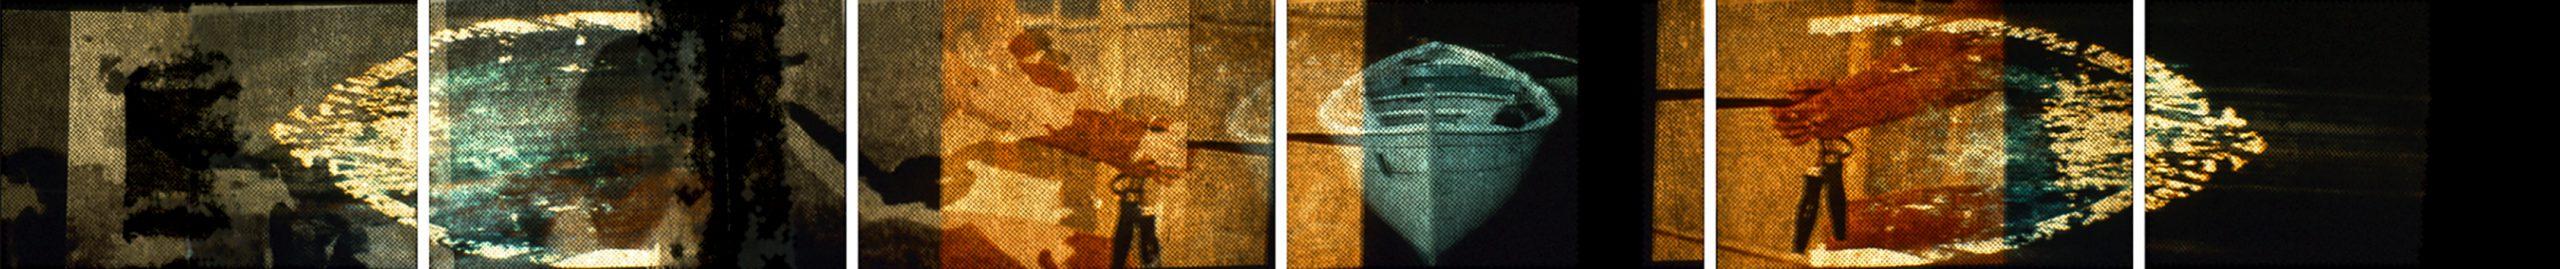 fotografische Sequenz